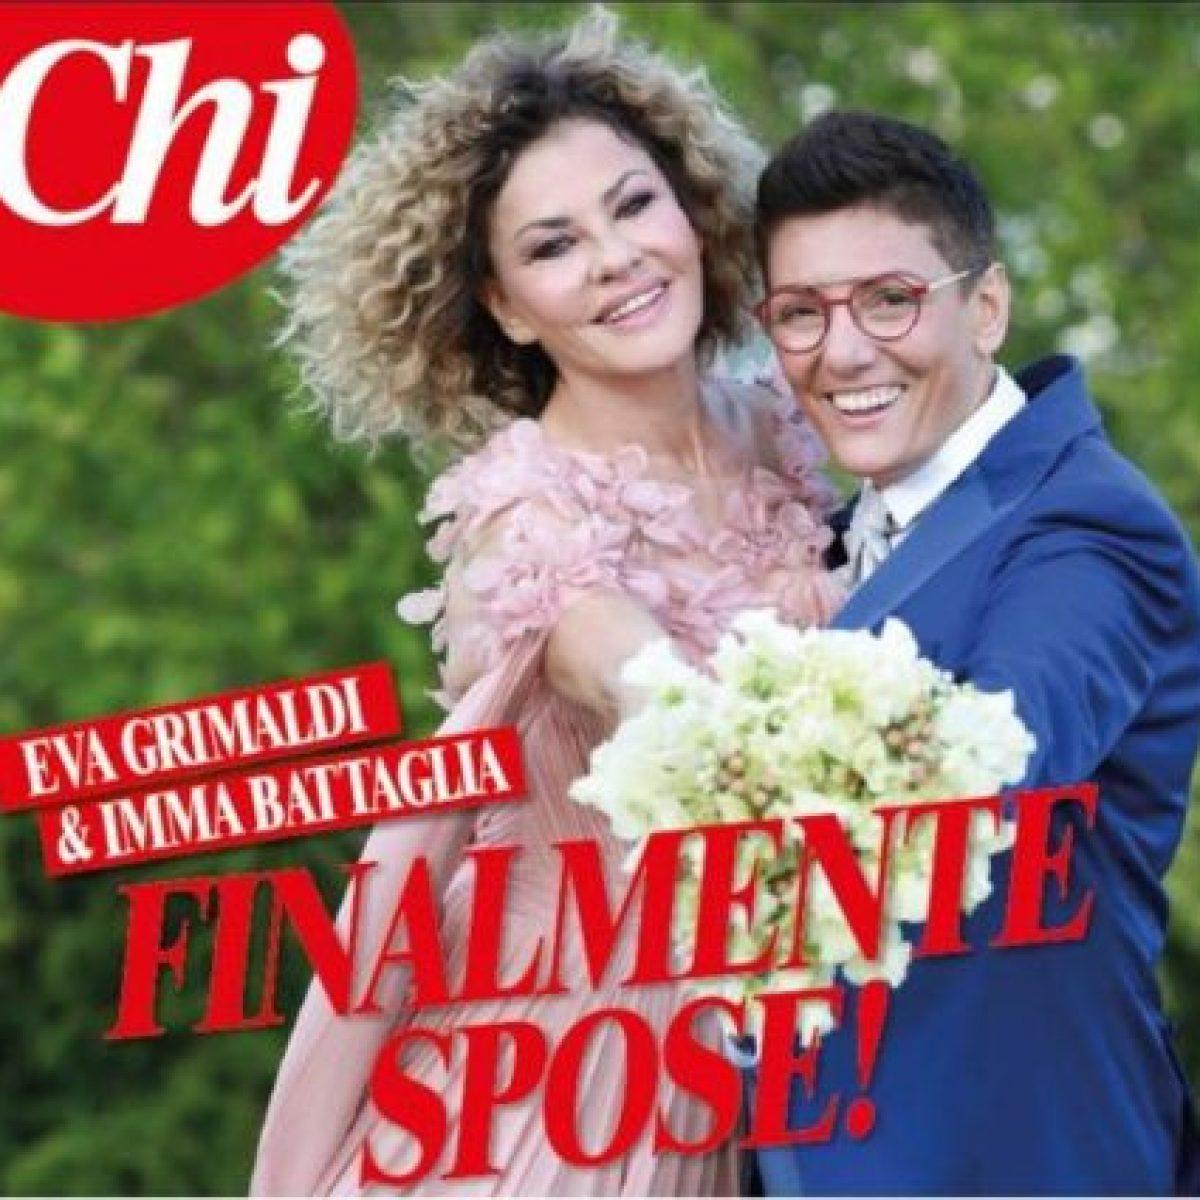 a562ee0a05a1 La prima foto del matrimonio di Eva Grimaldi e Imma Battaglia  svelato l abito  da sposa dell attrice